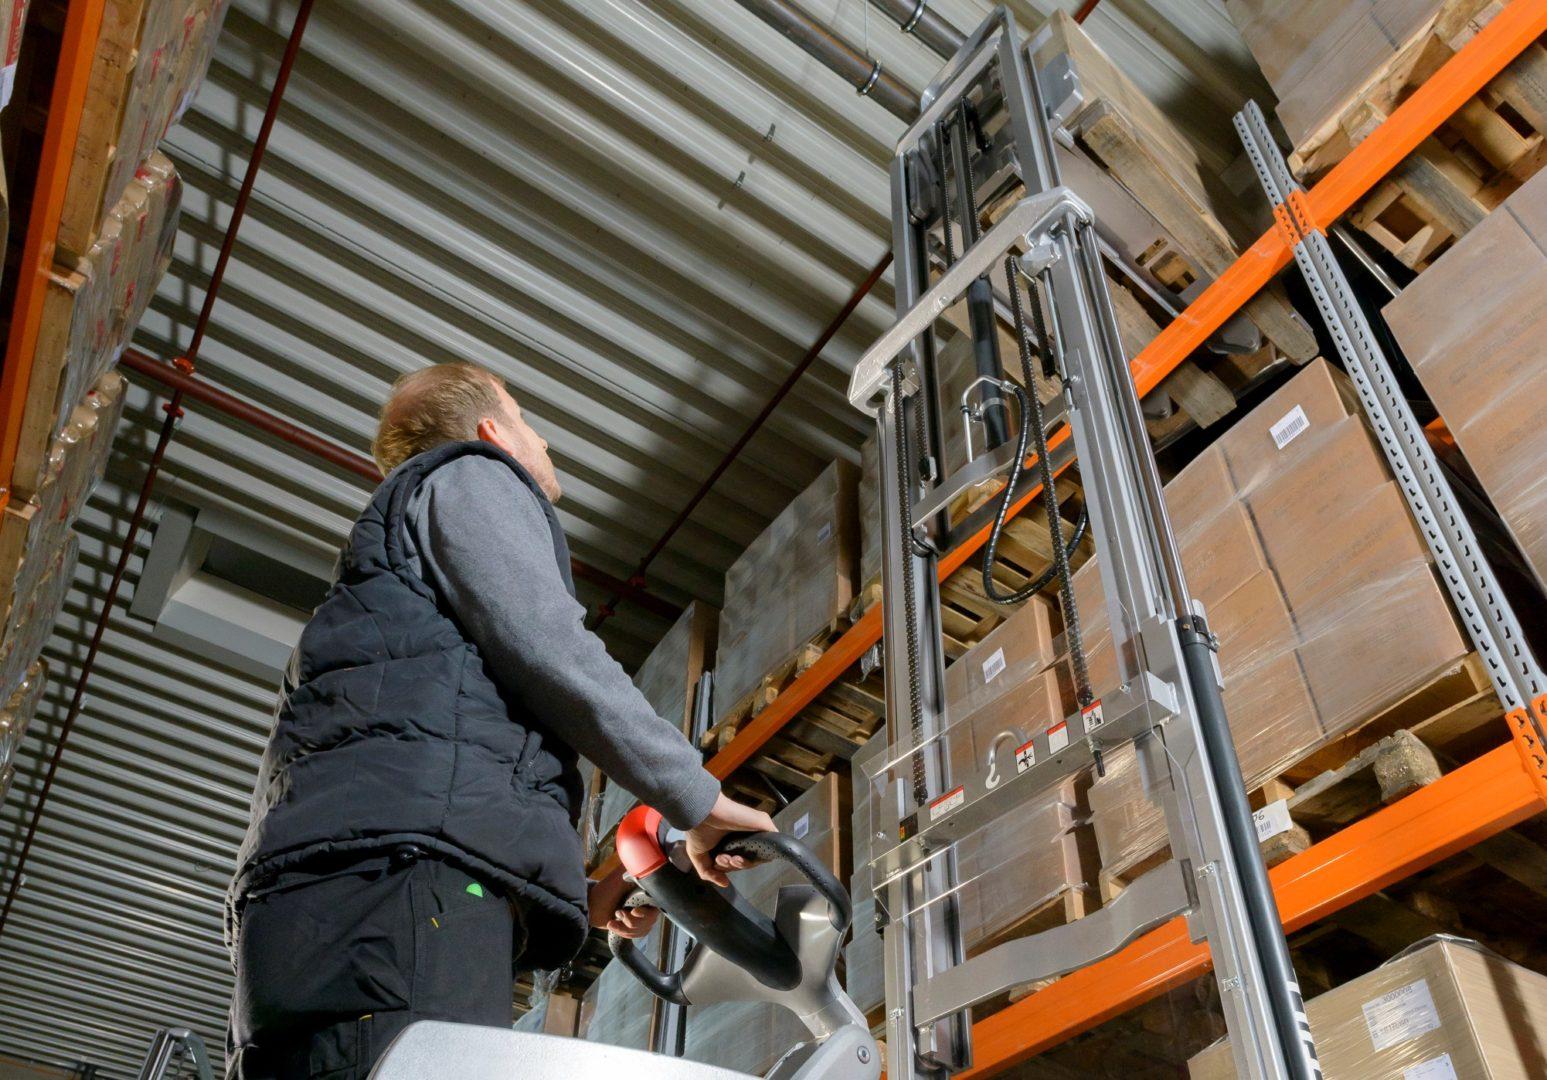 Logistiek brengt de economie in beweging